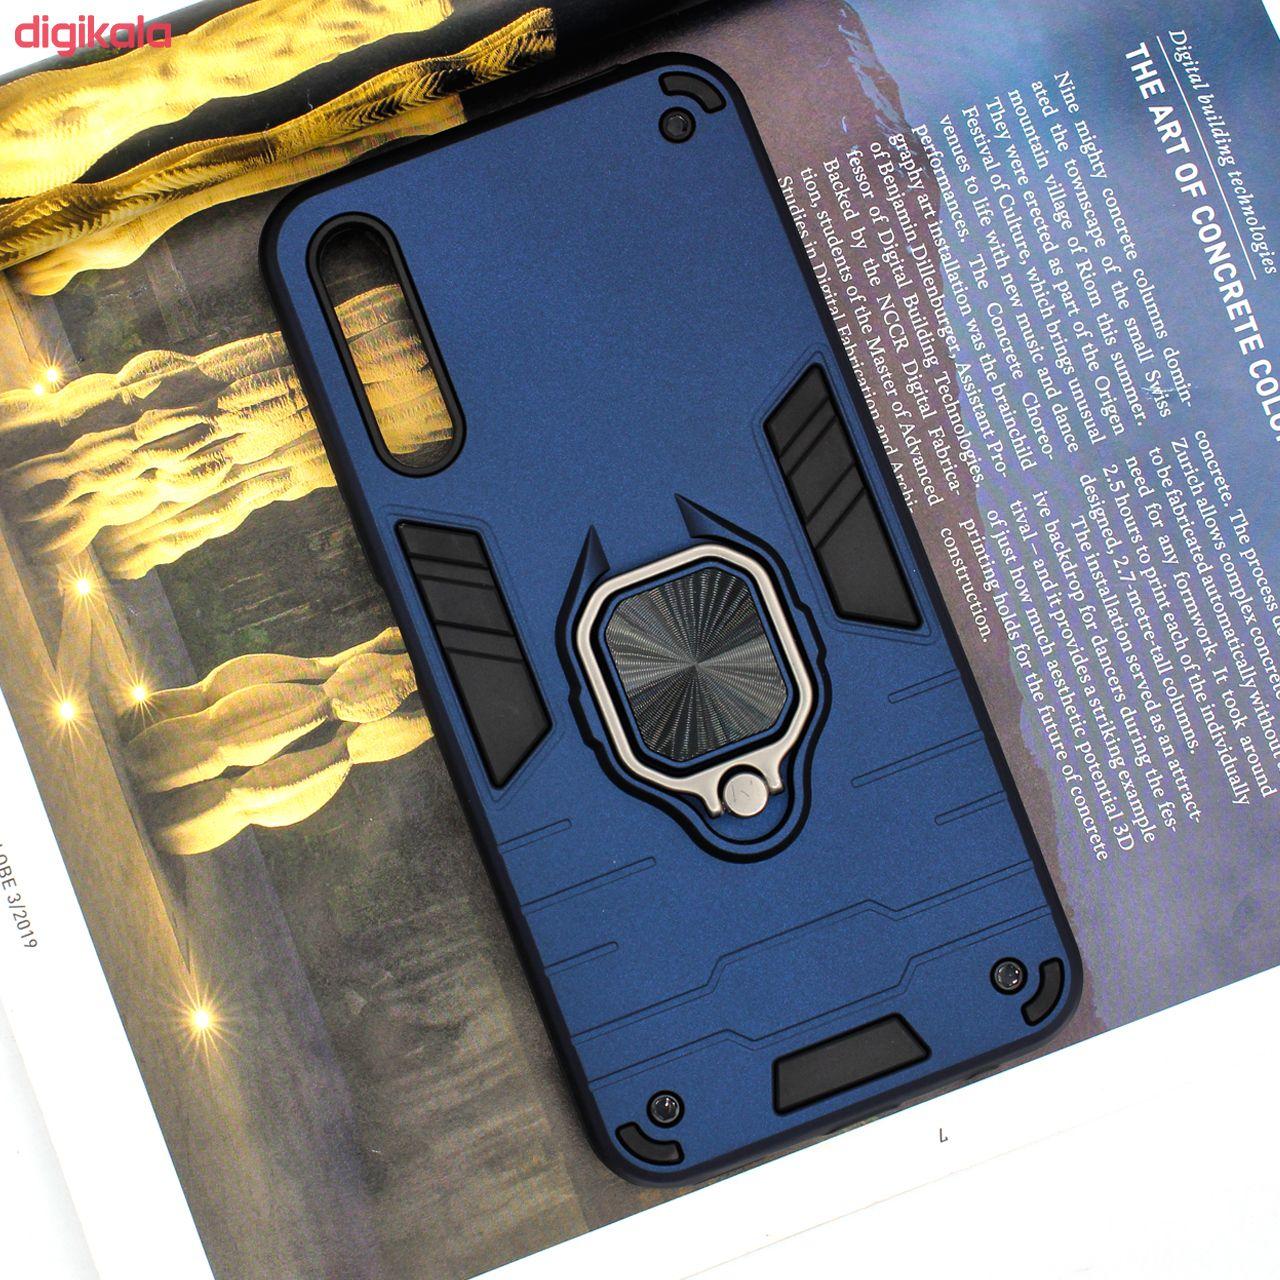 کاور کینگ پاور مدل ASH22 مناسب برای گوشی موبایل هوآوی Y9s main 1 8